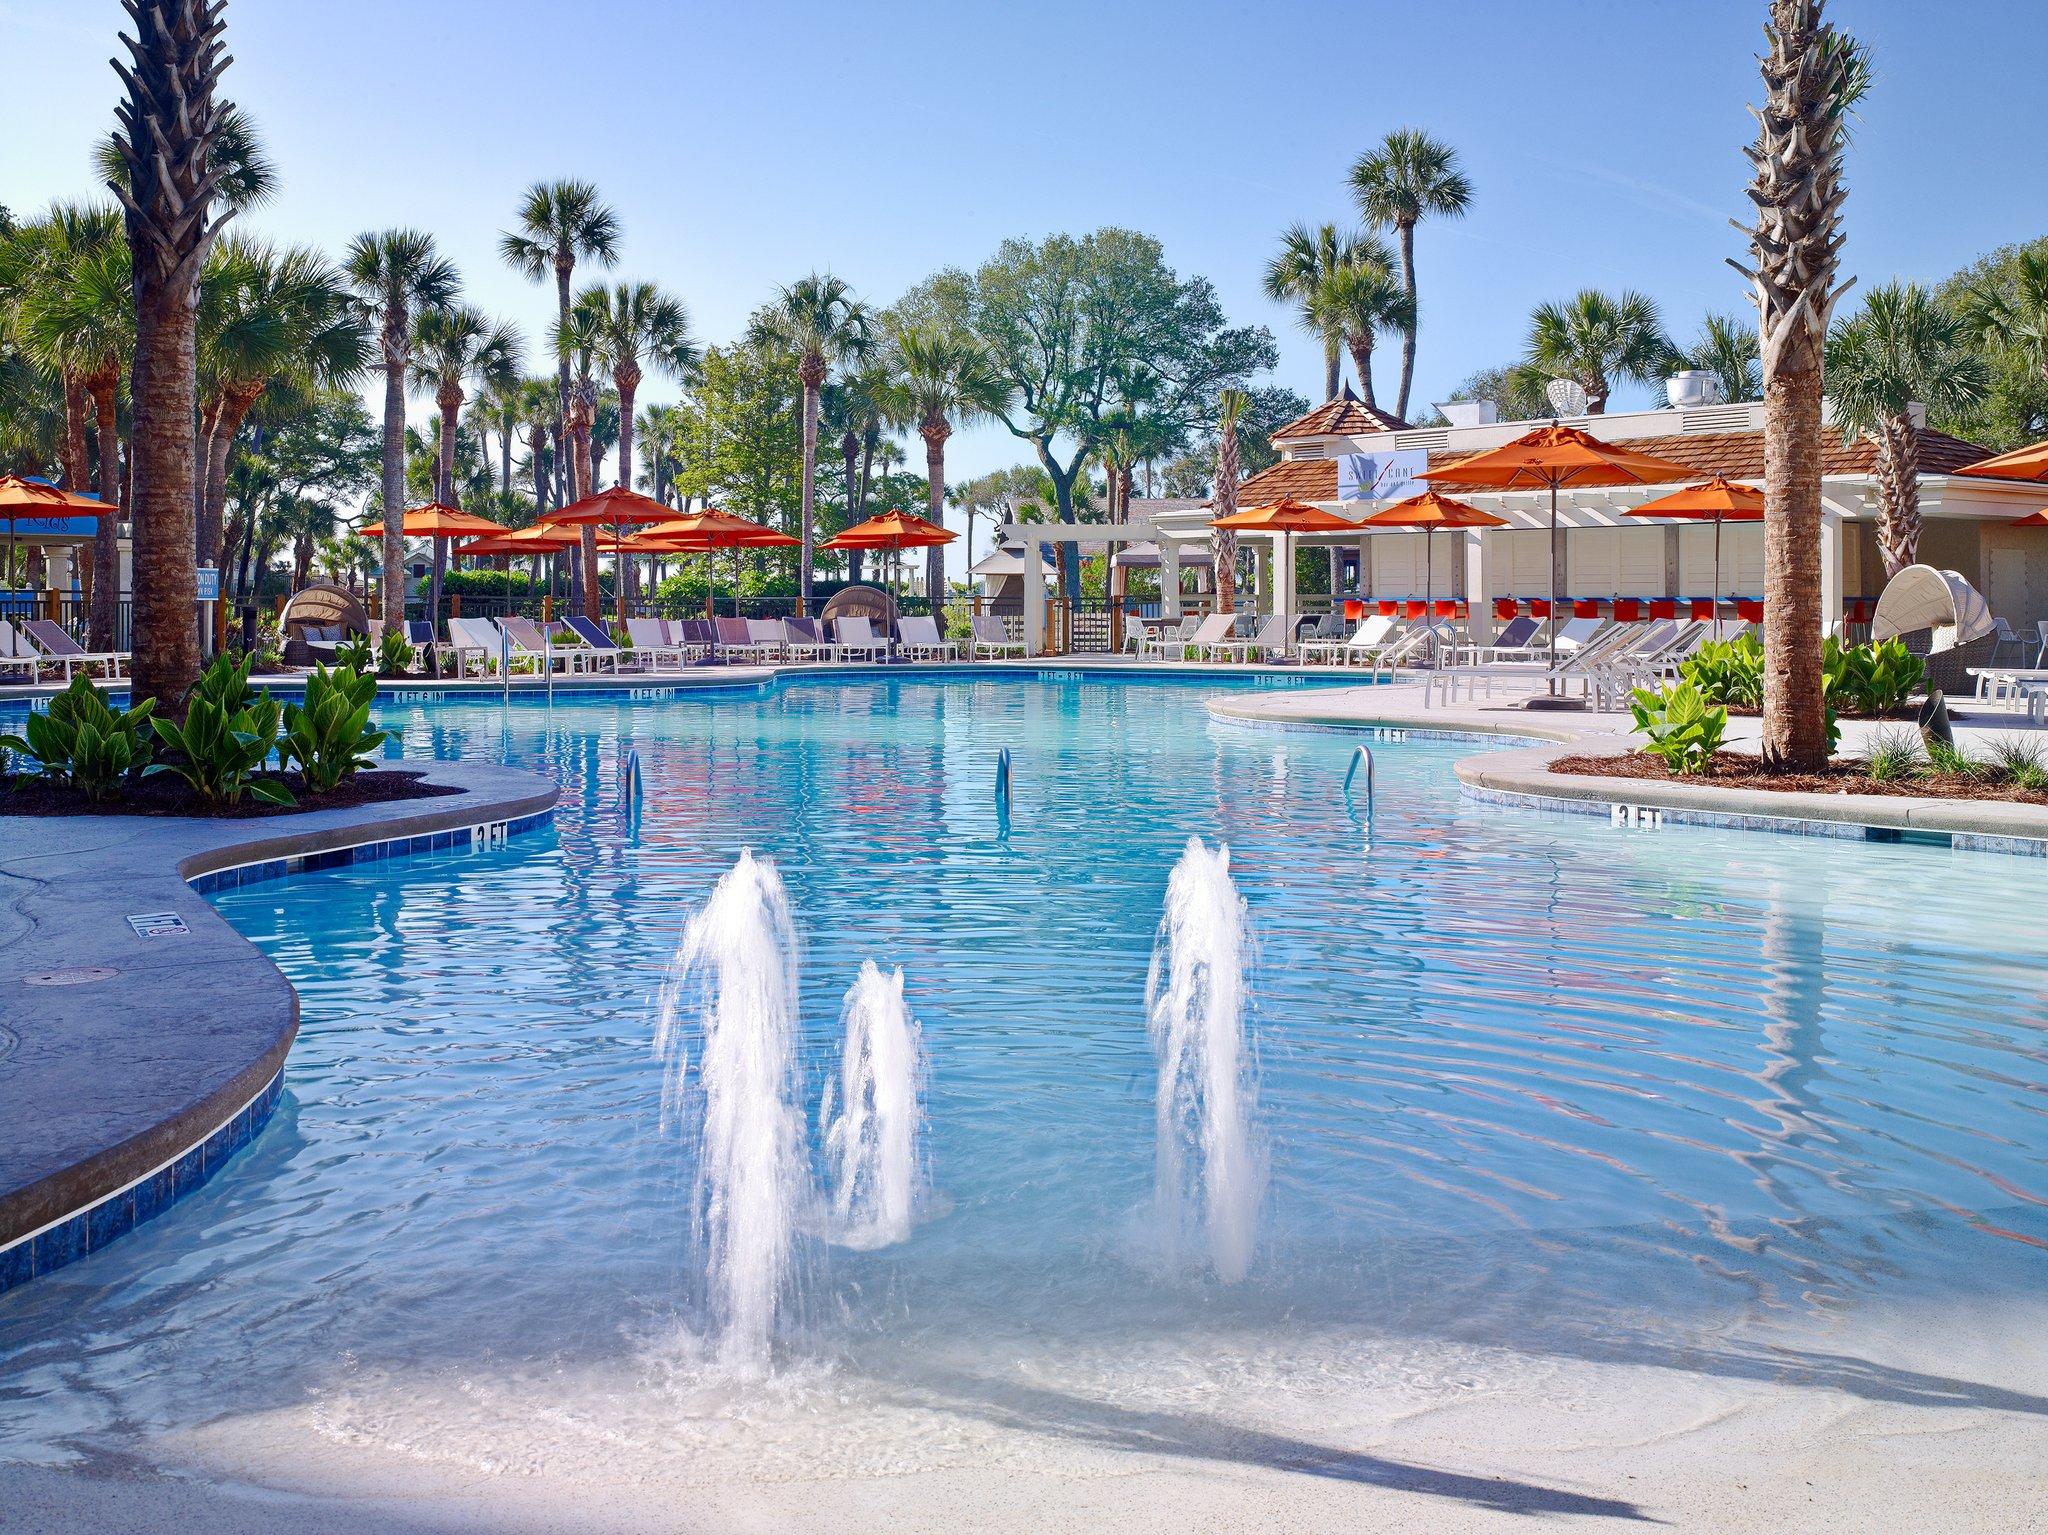 NoiThatNghiDuong-Sonesta Resort Hilton Head Island-Hoa Ky